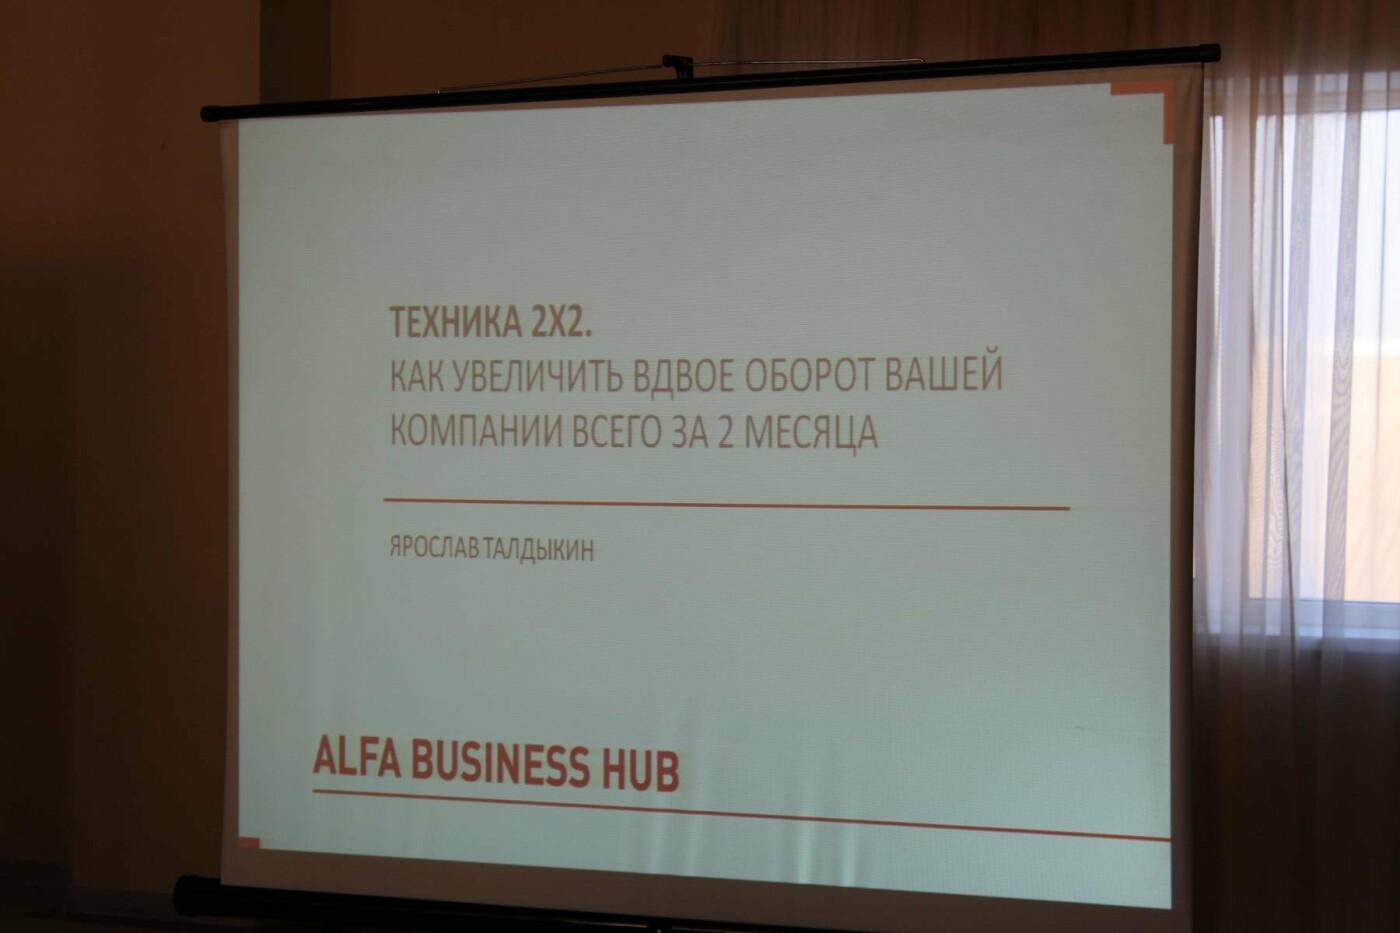 Alfa Business Hub: в Запорожье предпринимателям рассказали об эффективных бизнес-лайфхаках, фото-2